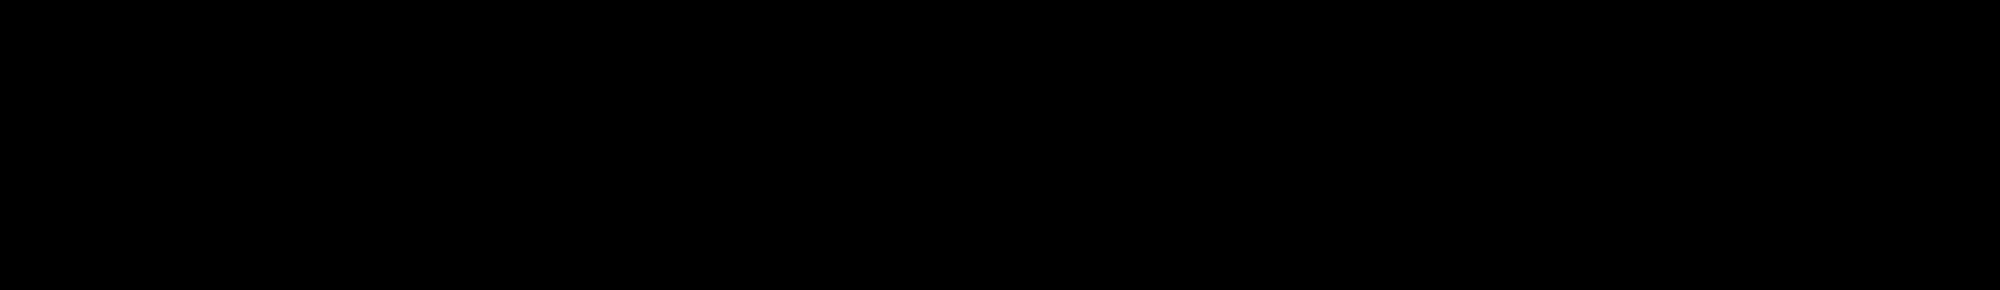 Horomia